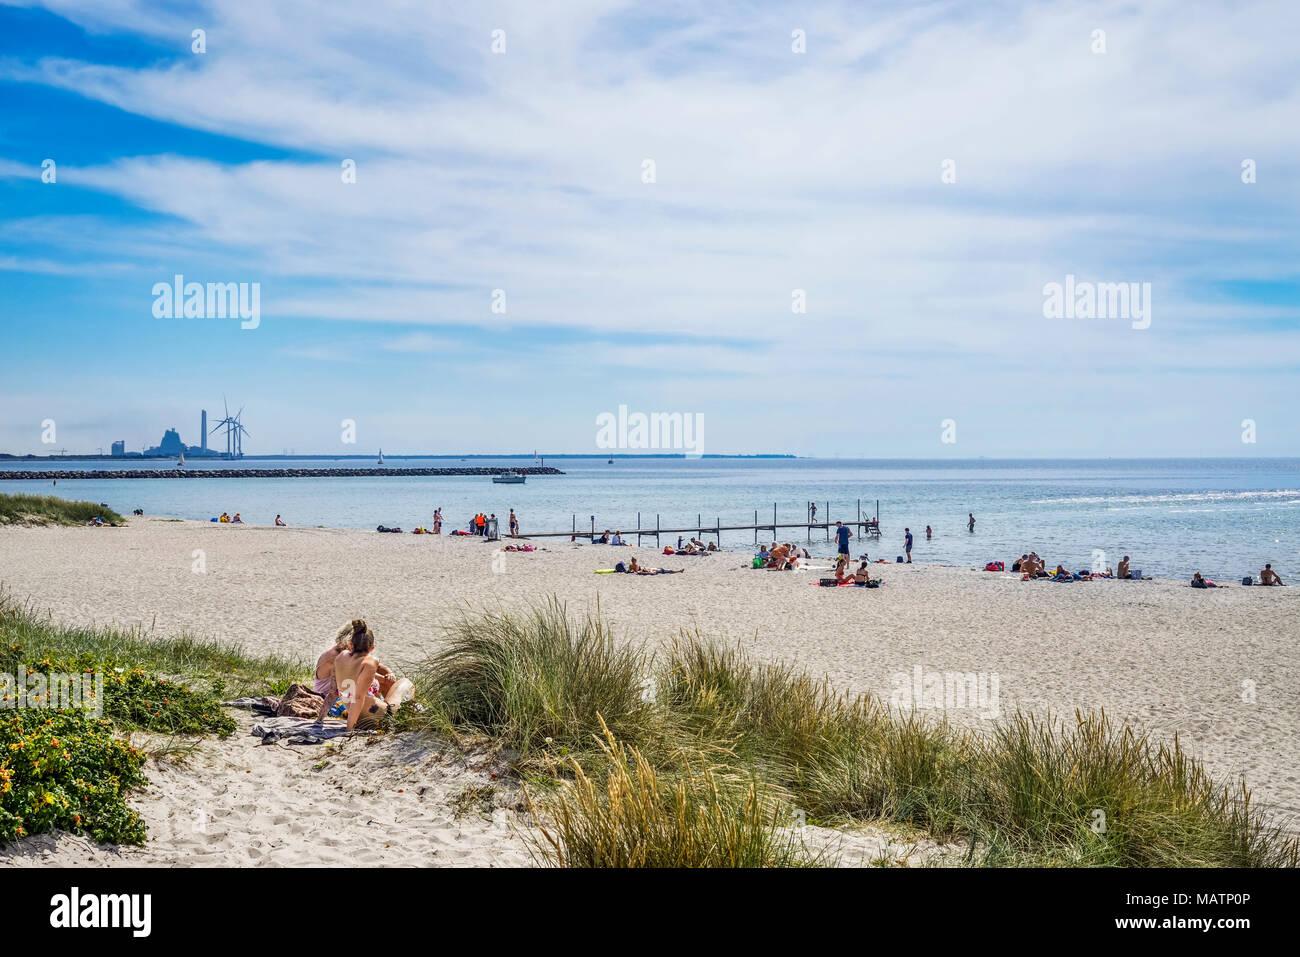 Ostsee Strand in Ishøj auf der Køge Bucht, ein Southwester Vorstädten von Kopenhagen mit dem High-Tech-Standort Avedøre Power Station in der Ba Stockbild